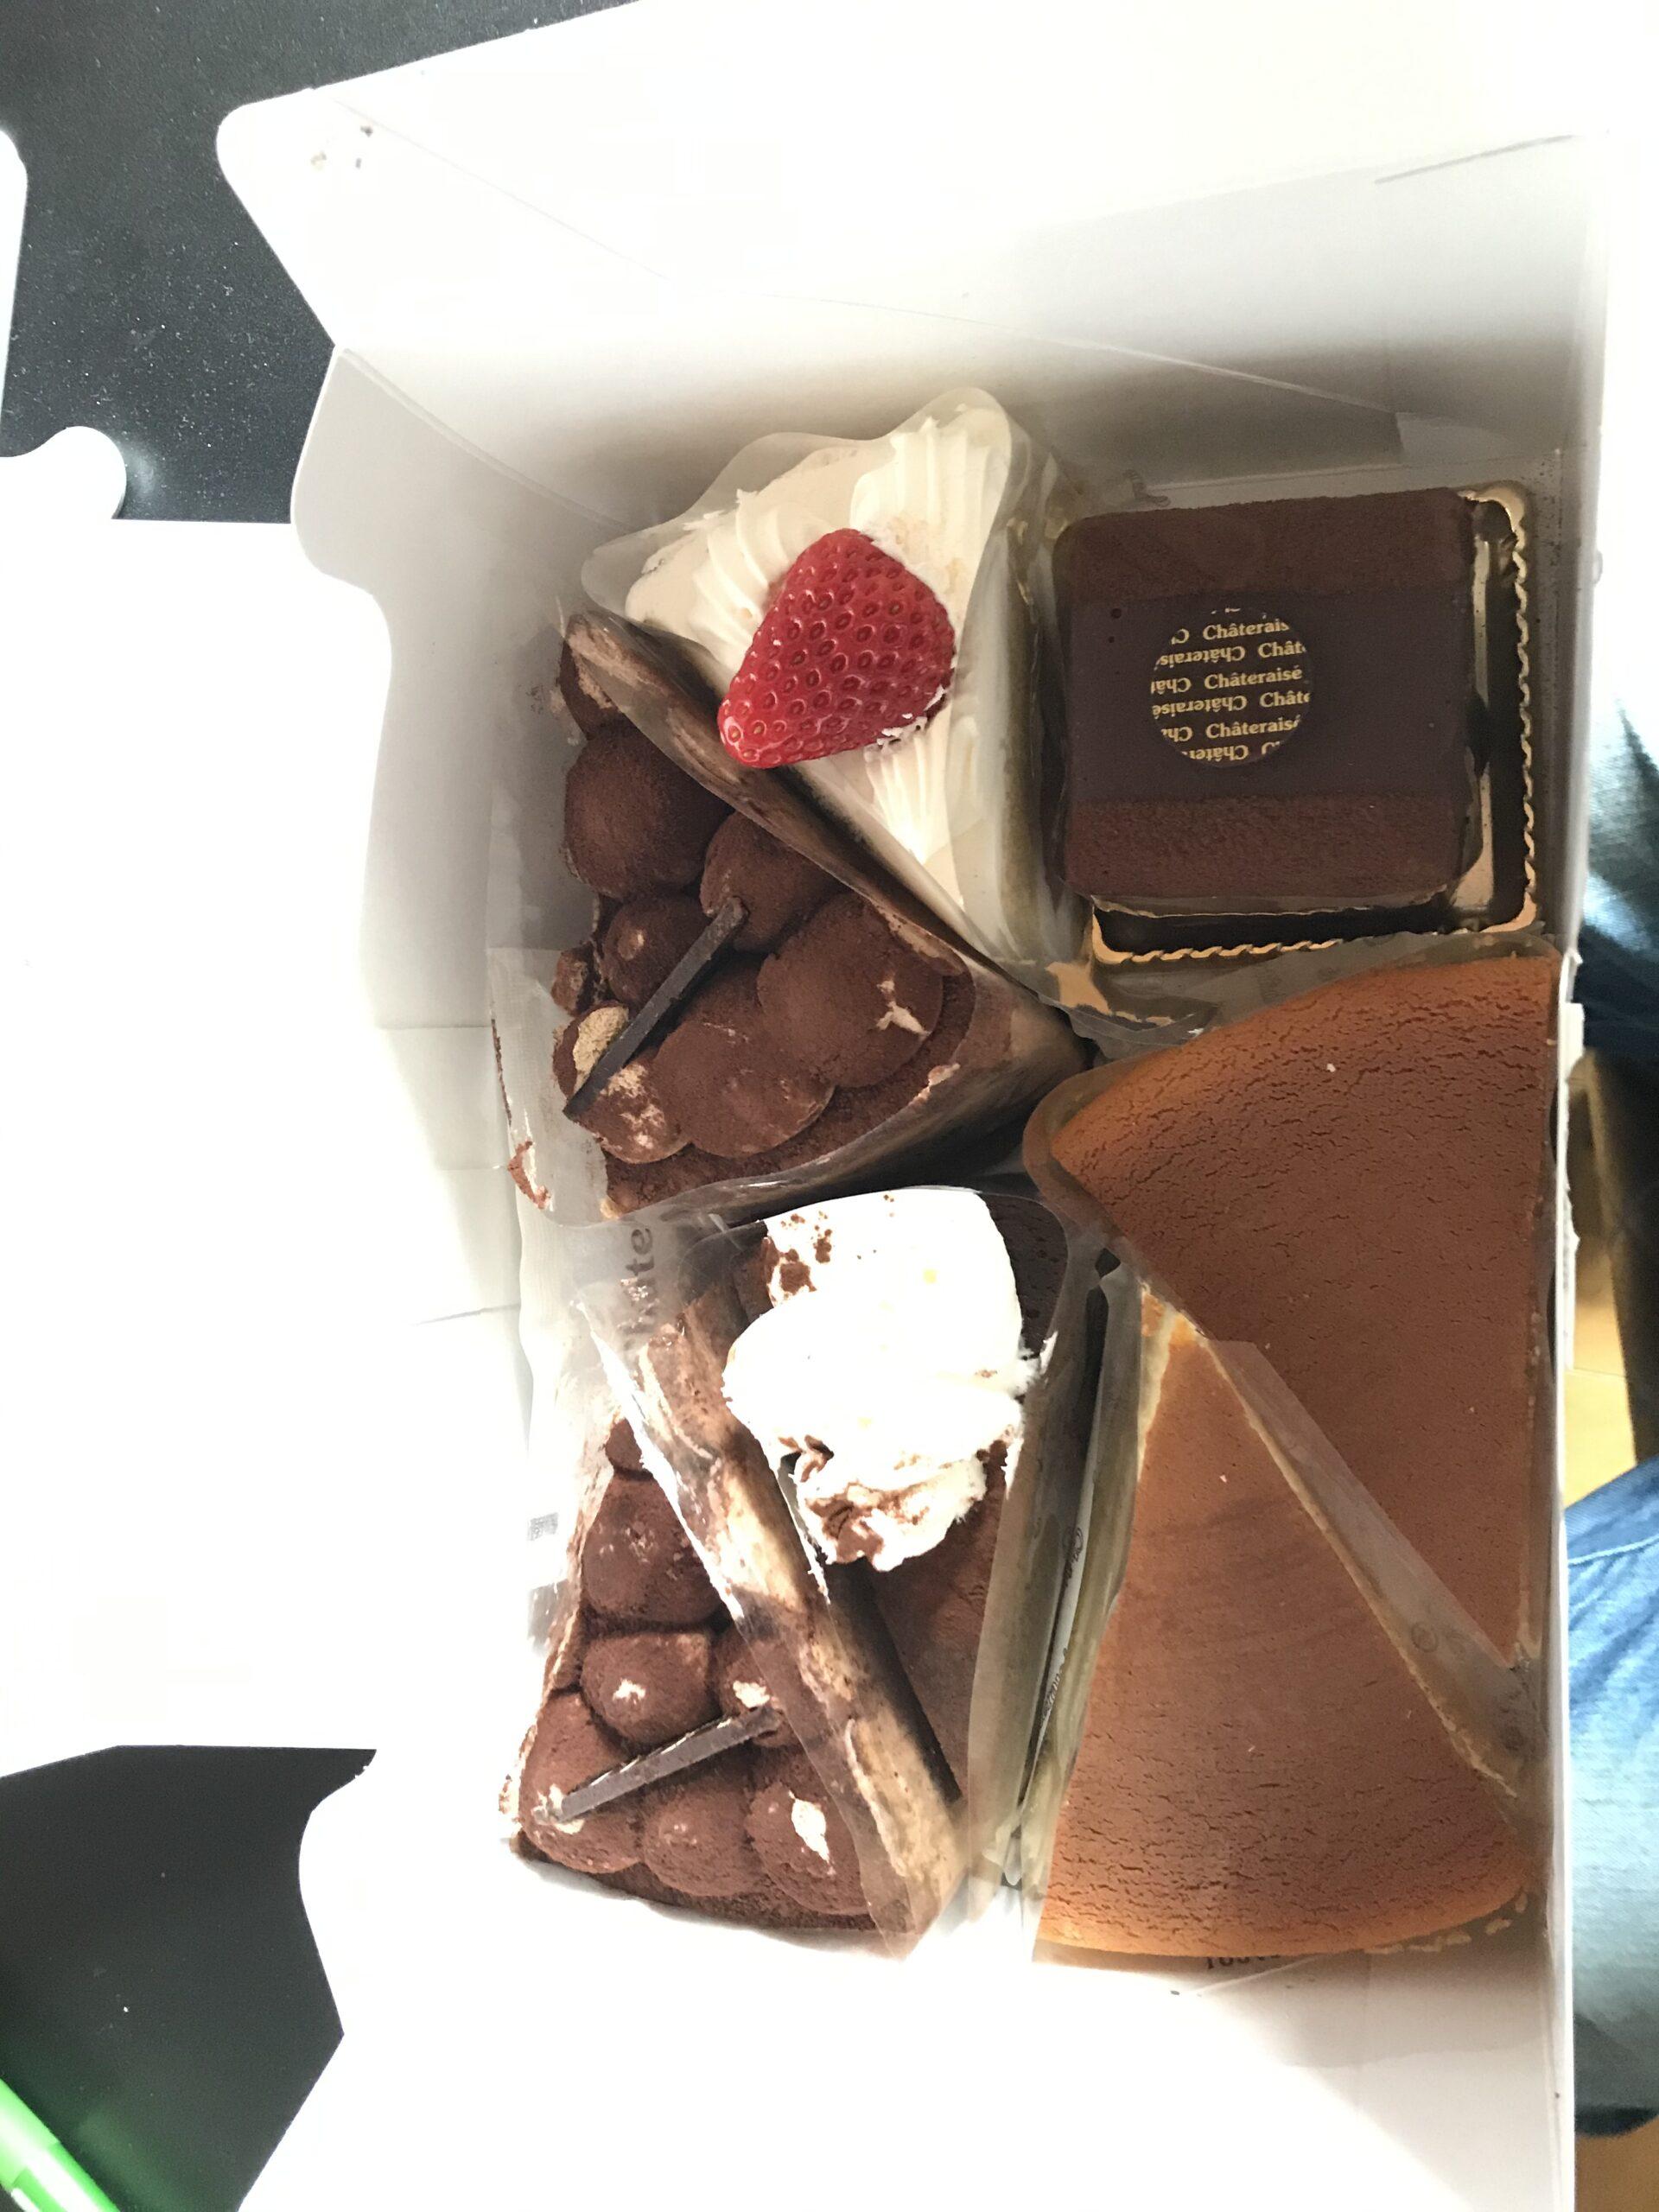 ケーキ>>2個買う    シャトレーゼのケーキ買ってきたぞ